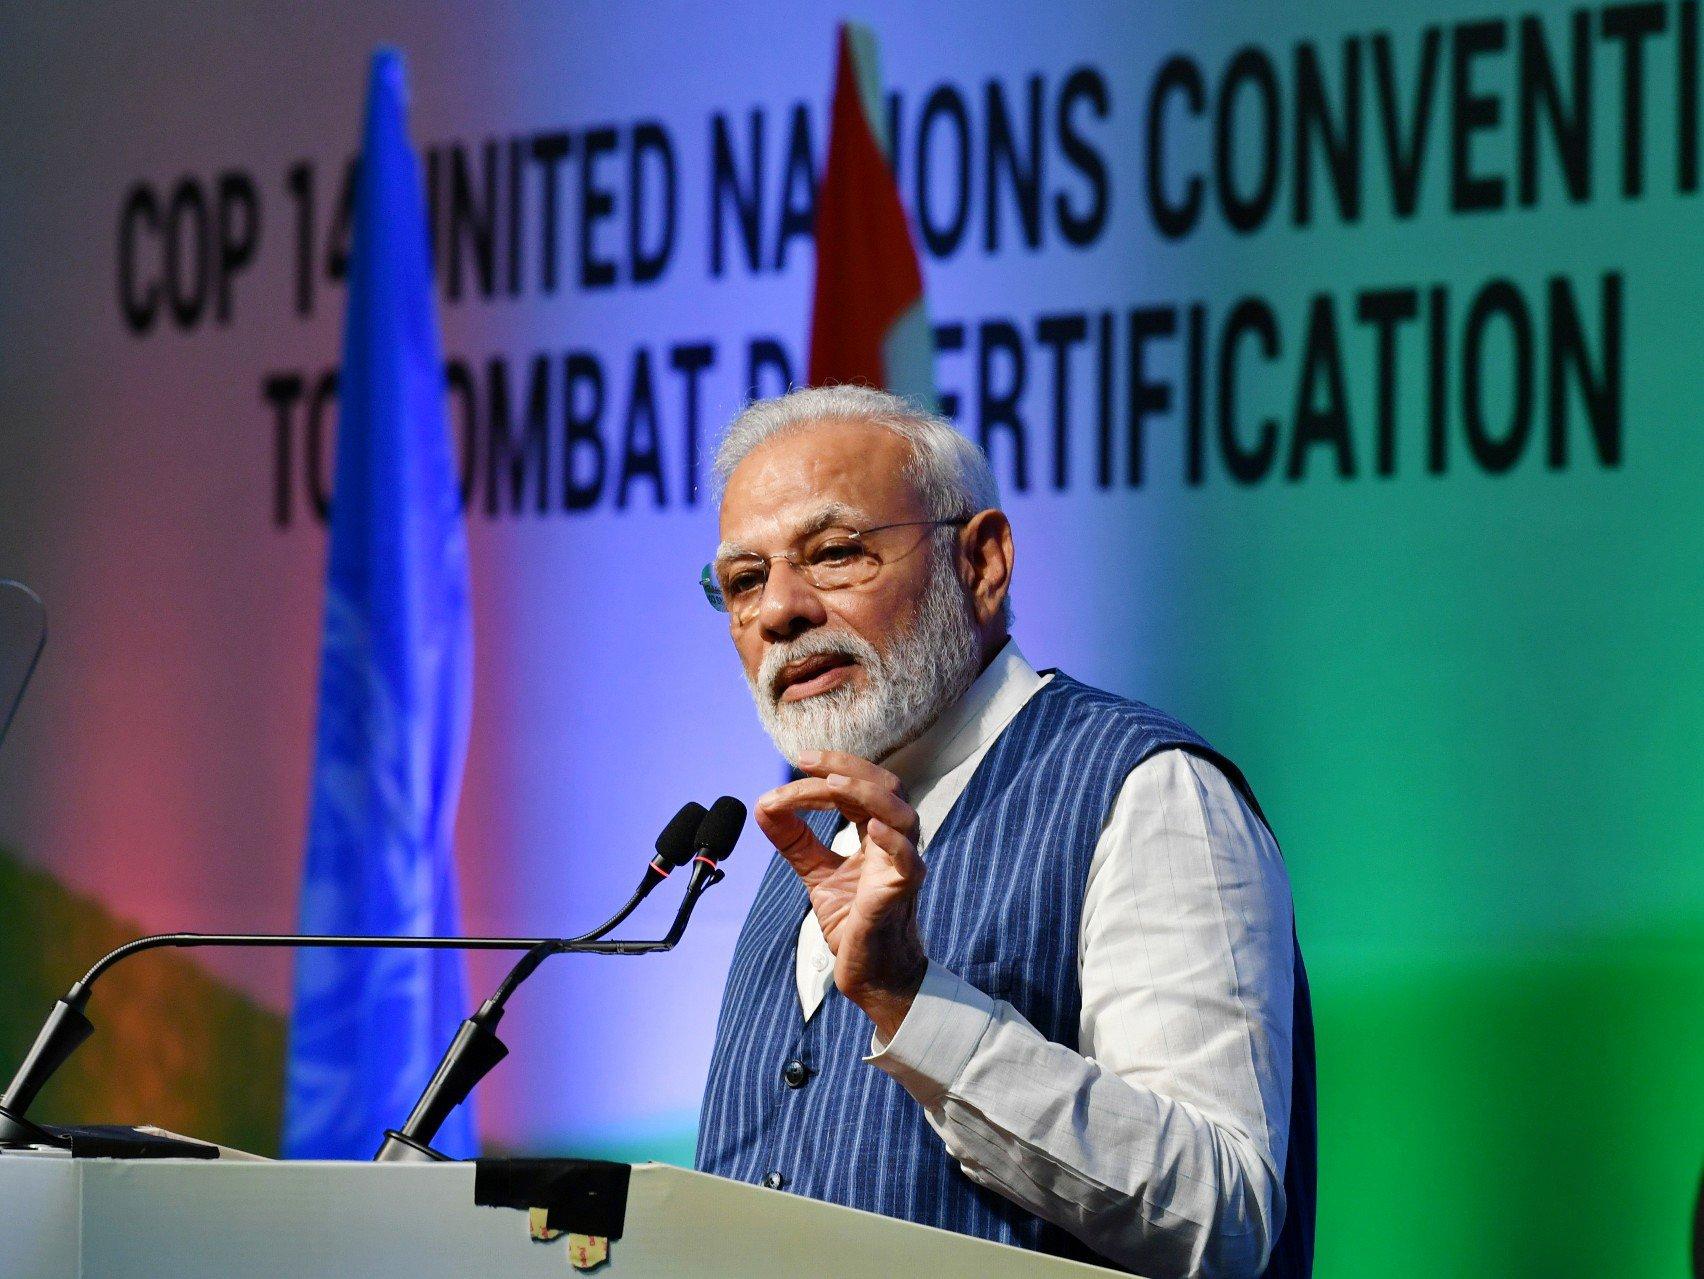 સંયુક્ત રાષ્ટ્રનું COP-14 સંમેલન: આગામી વર્ષોમાં સિંગલ યૂઝ પ્લાસ્ટિક પર લગાવીશું પ્રતિબંધ: PM